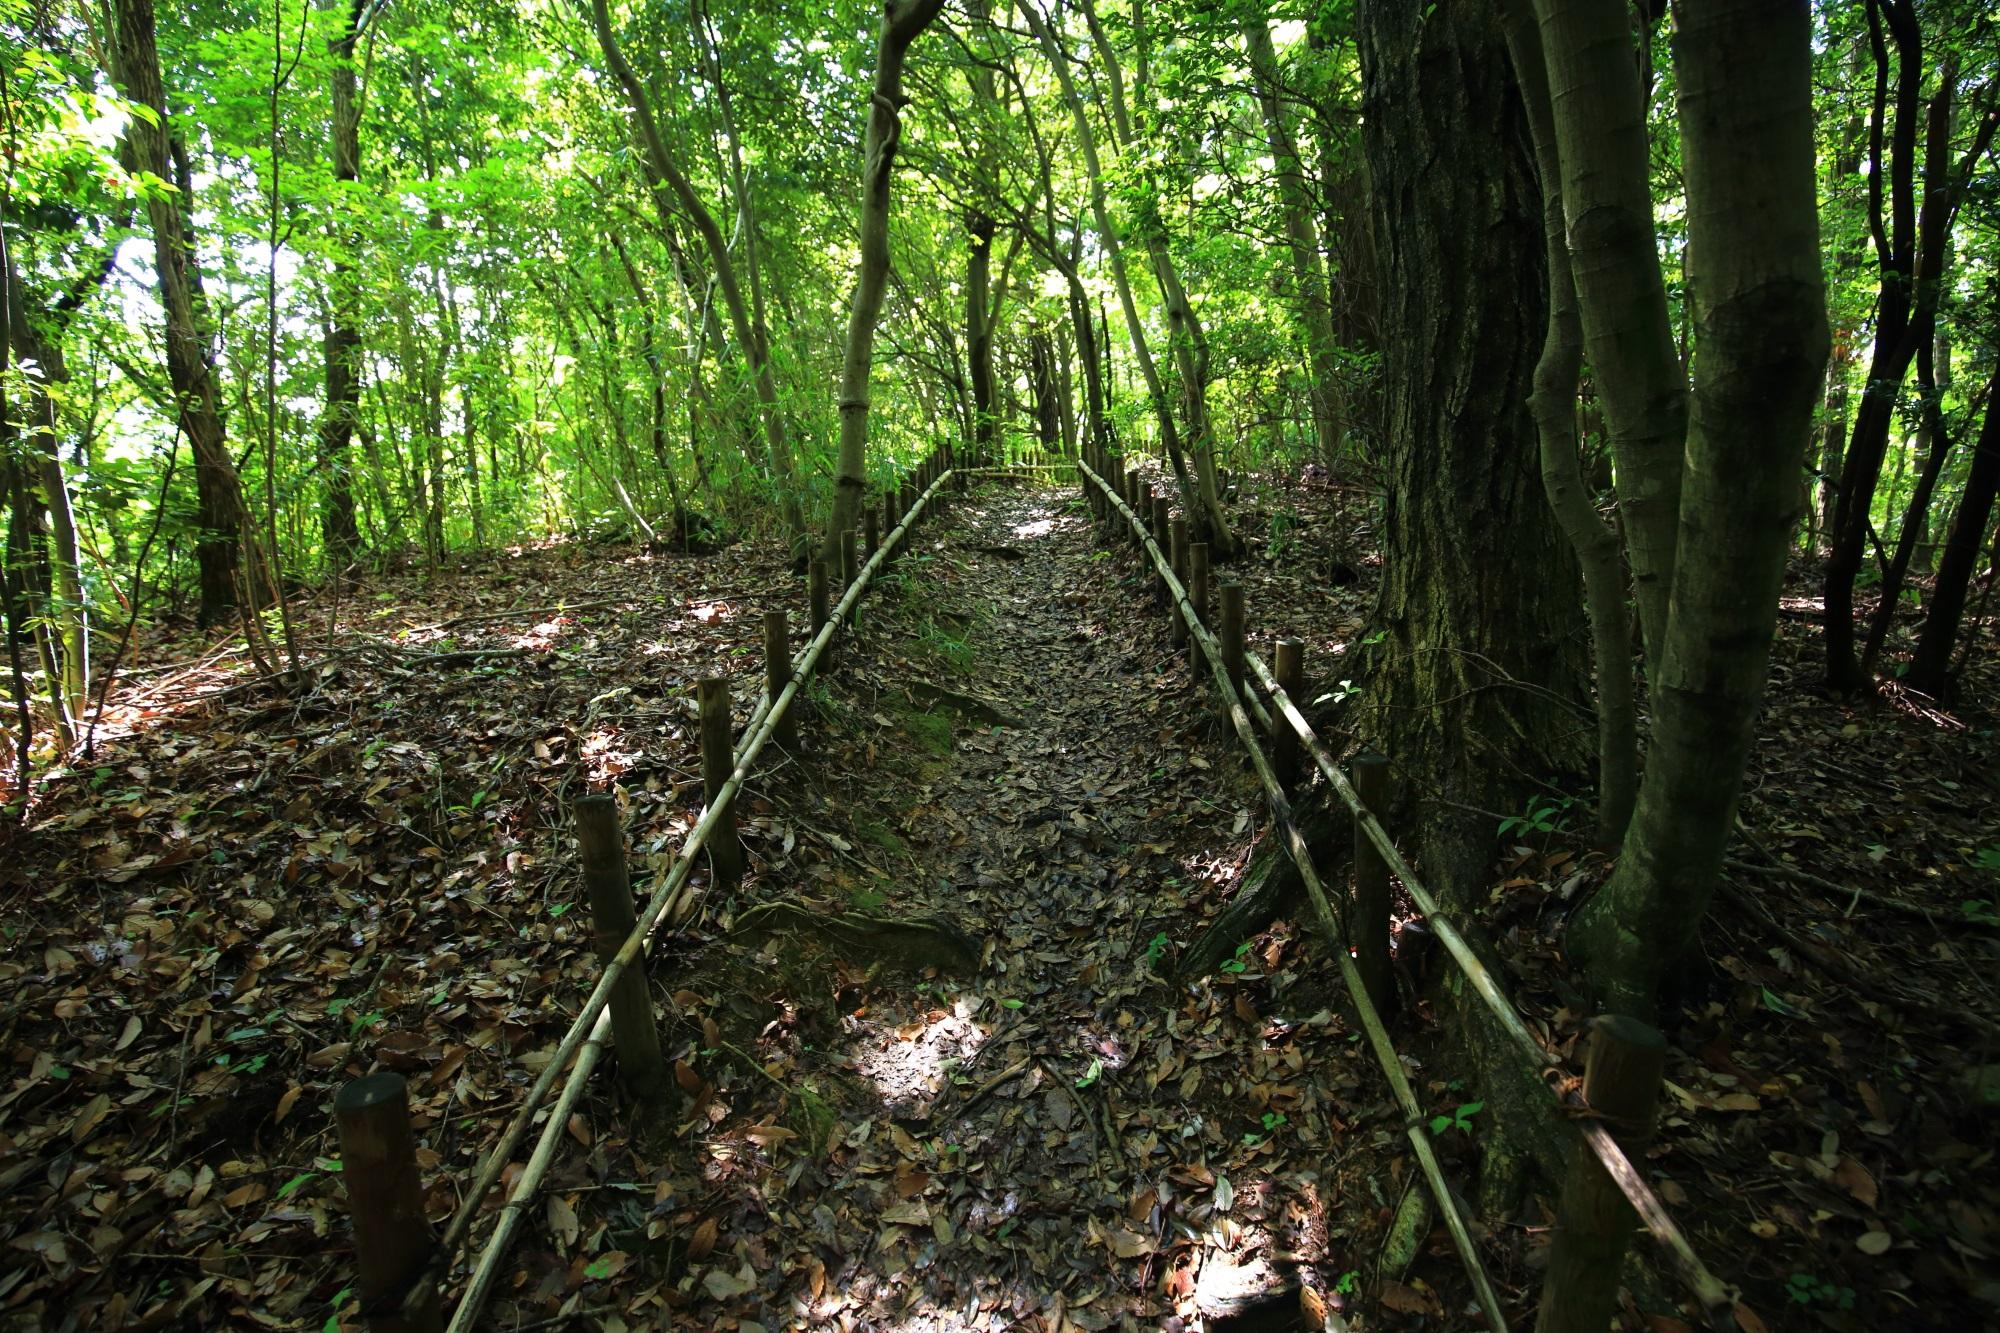 「貝吹石」はこちらという矢印が出ている岩船寺の道